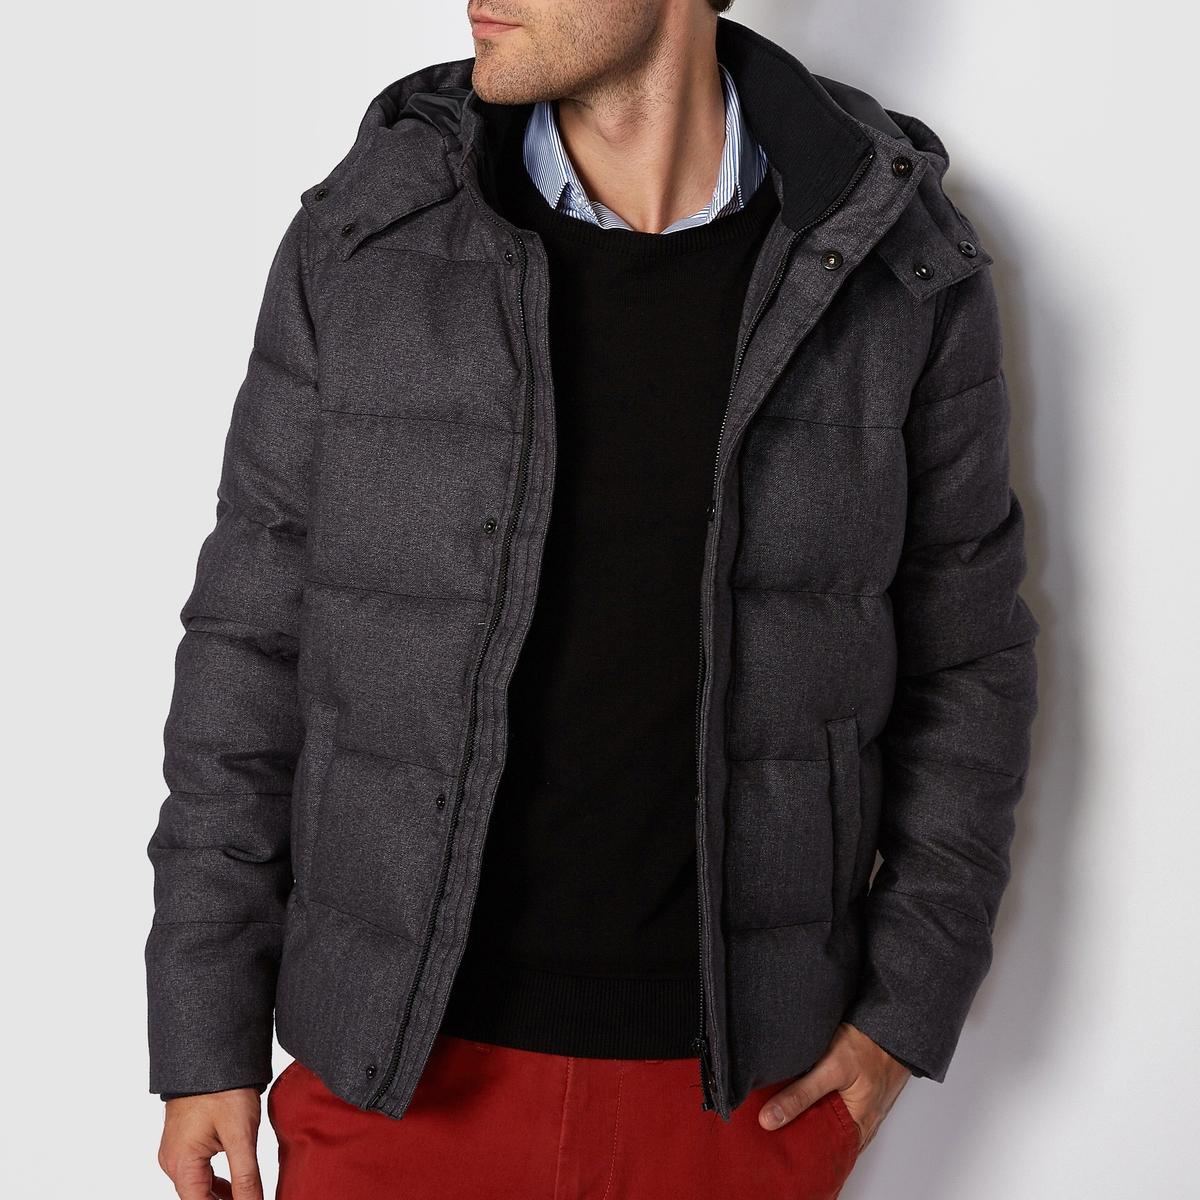 Куртка стёганая с капюшономСтеганая куртка с капюшоном R essentiel.Облегающая и очень теплая стеганая куртка с капюшоном. Как только наступят холода, наденьте эту куртку, не теряя ни секунды!Материал : 100% полиэстерКарманы по бокам.Застежка : на молнию<br><br>Цвет: серый<br>Размер: XL